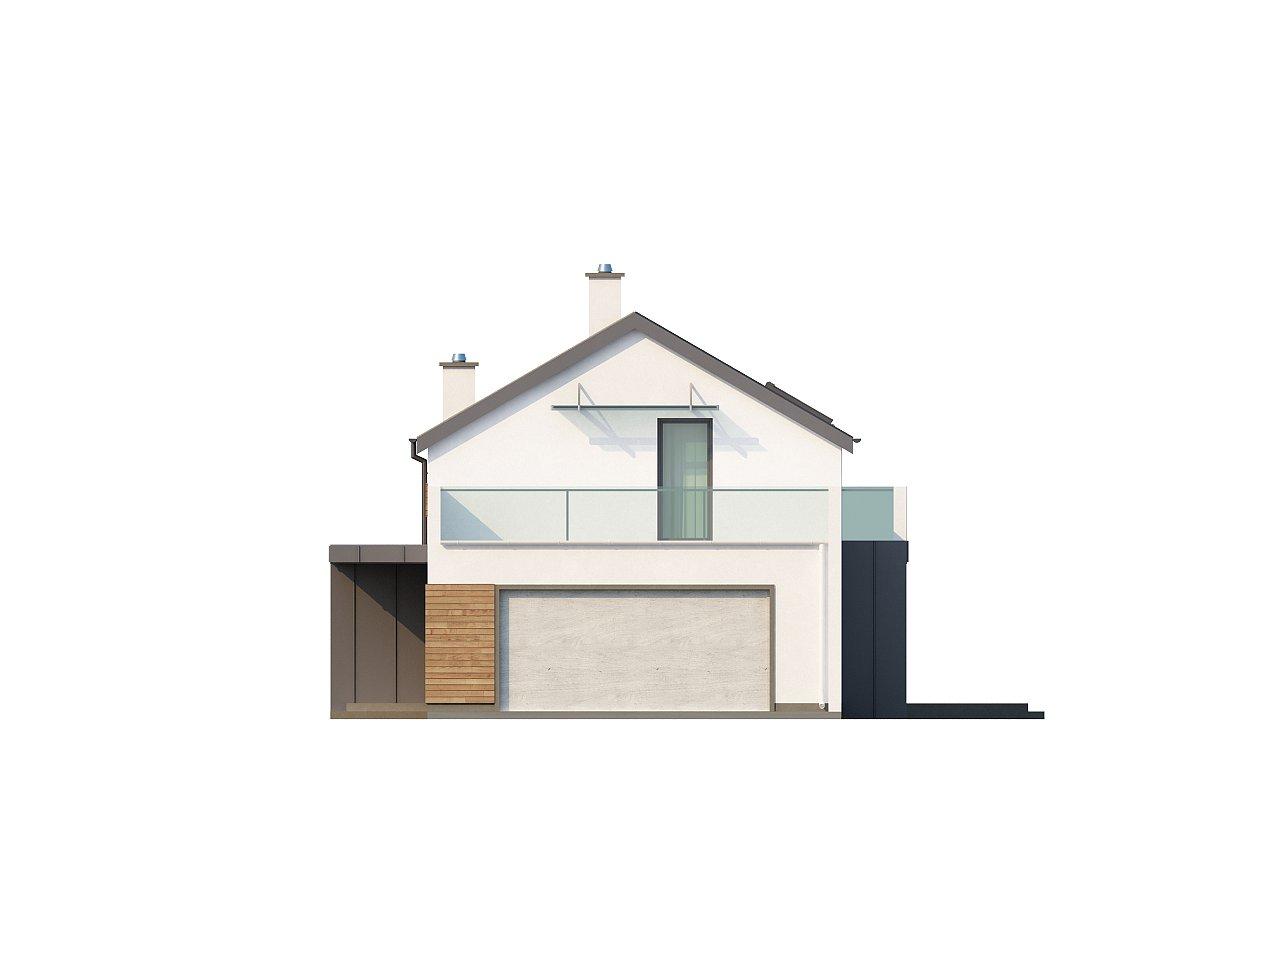 Дом современного простого дизайна. Продольная форма, уютный комфортный интерьер. - фото 16